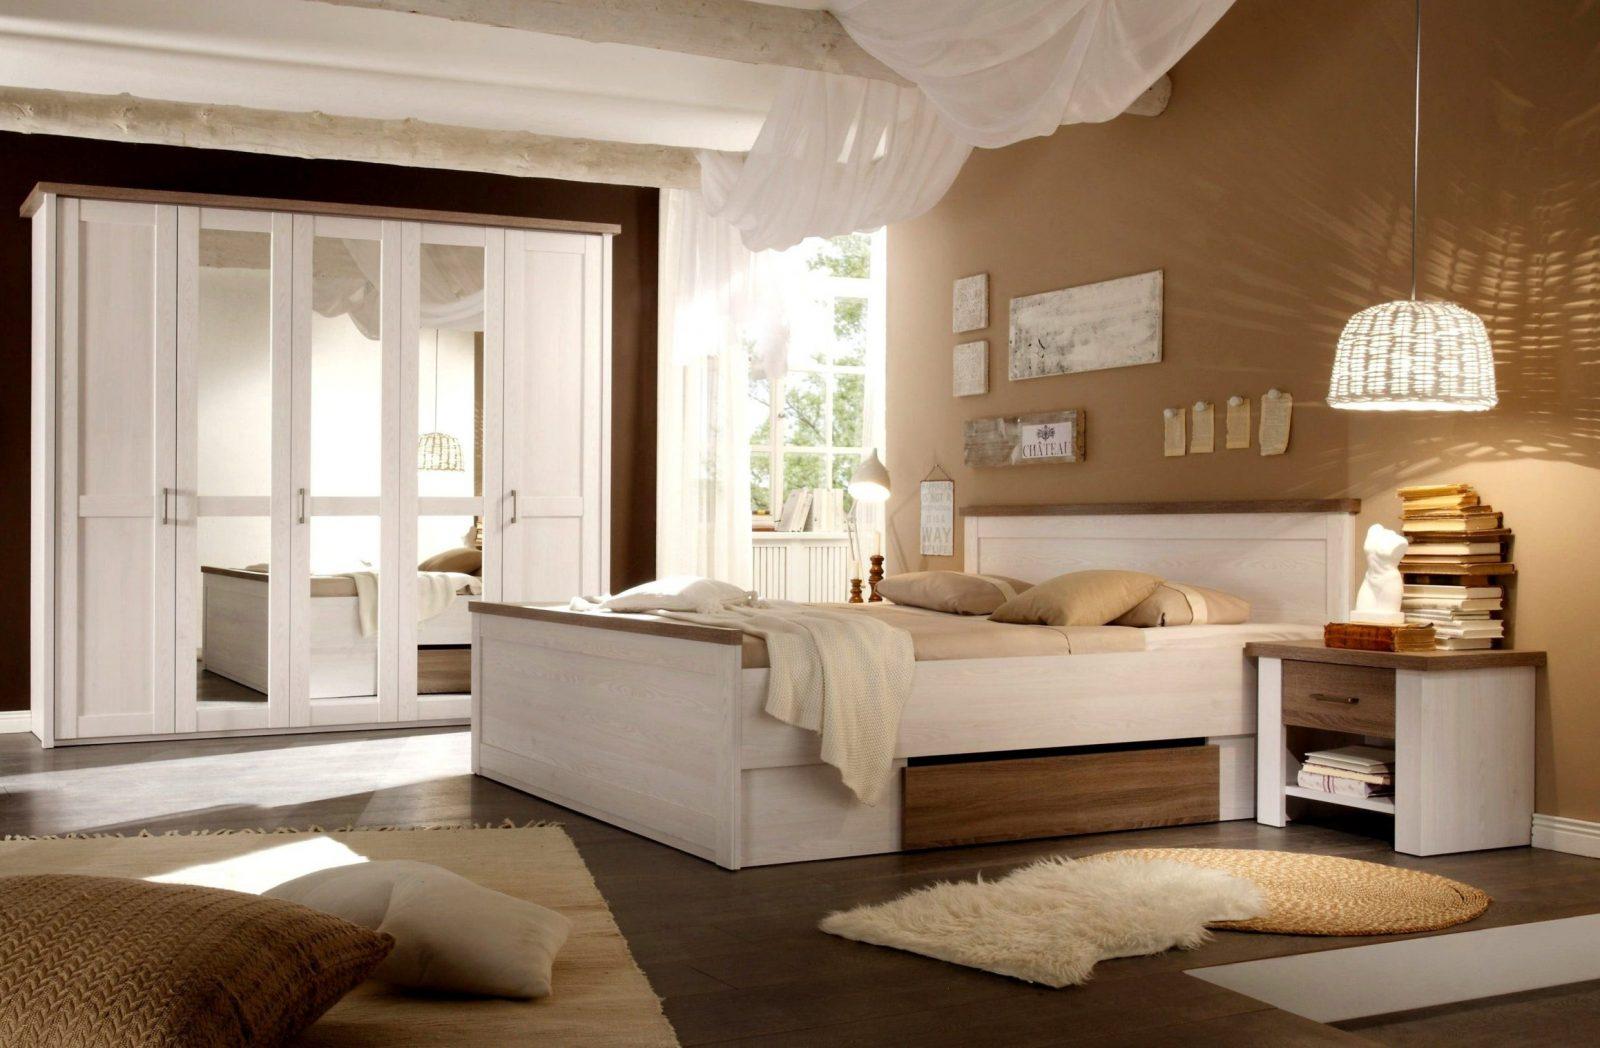 Schlafzimmer Einrichten Weiße Möbel Luxus Wohnzimmermobel Buche von Wandfarbe Zu Weißen Möbeln Photo